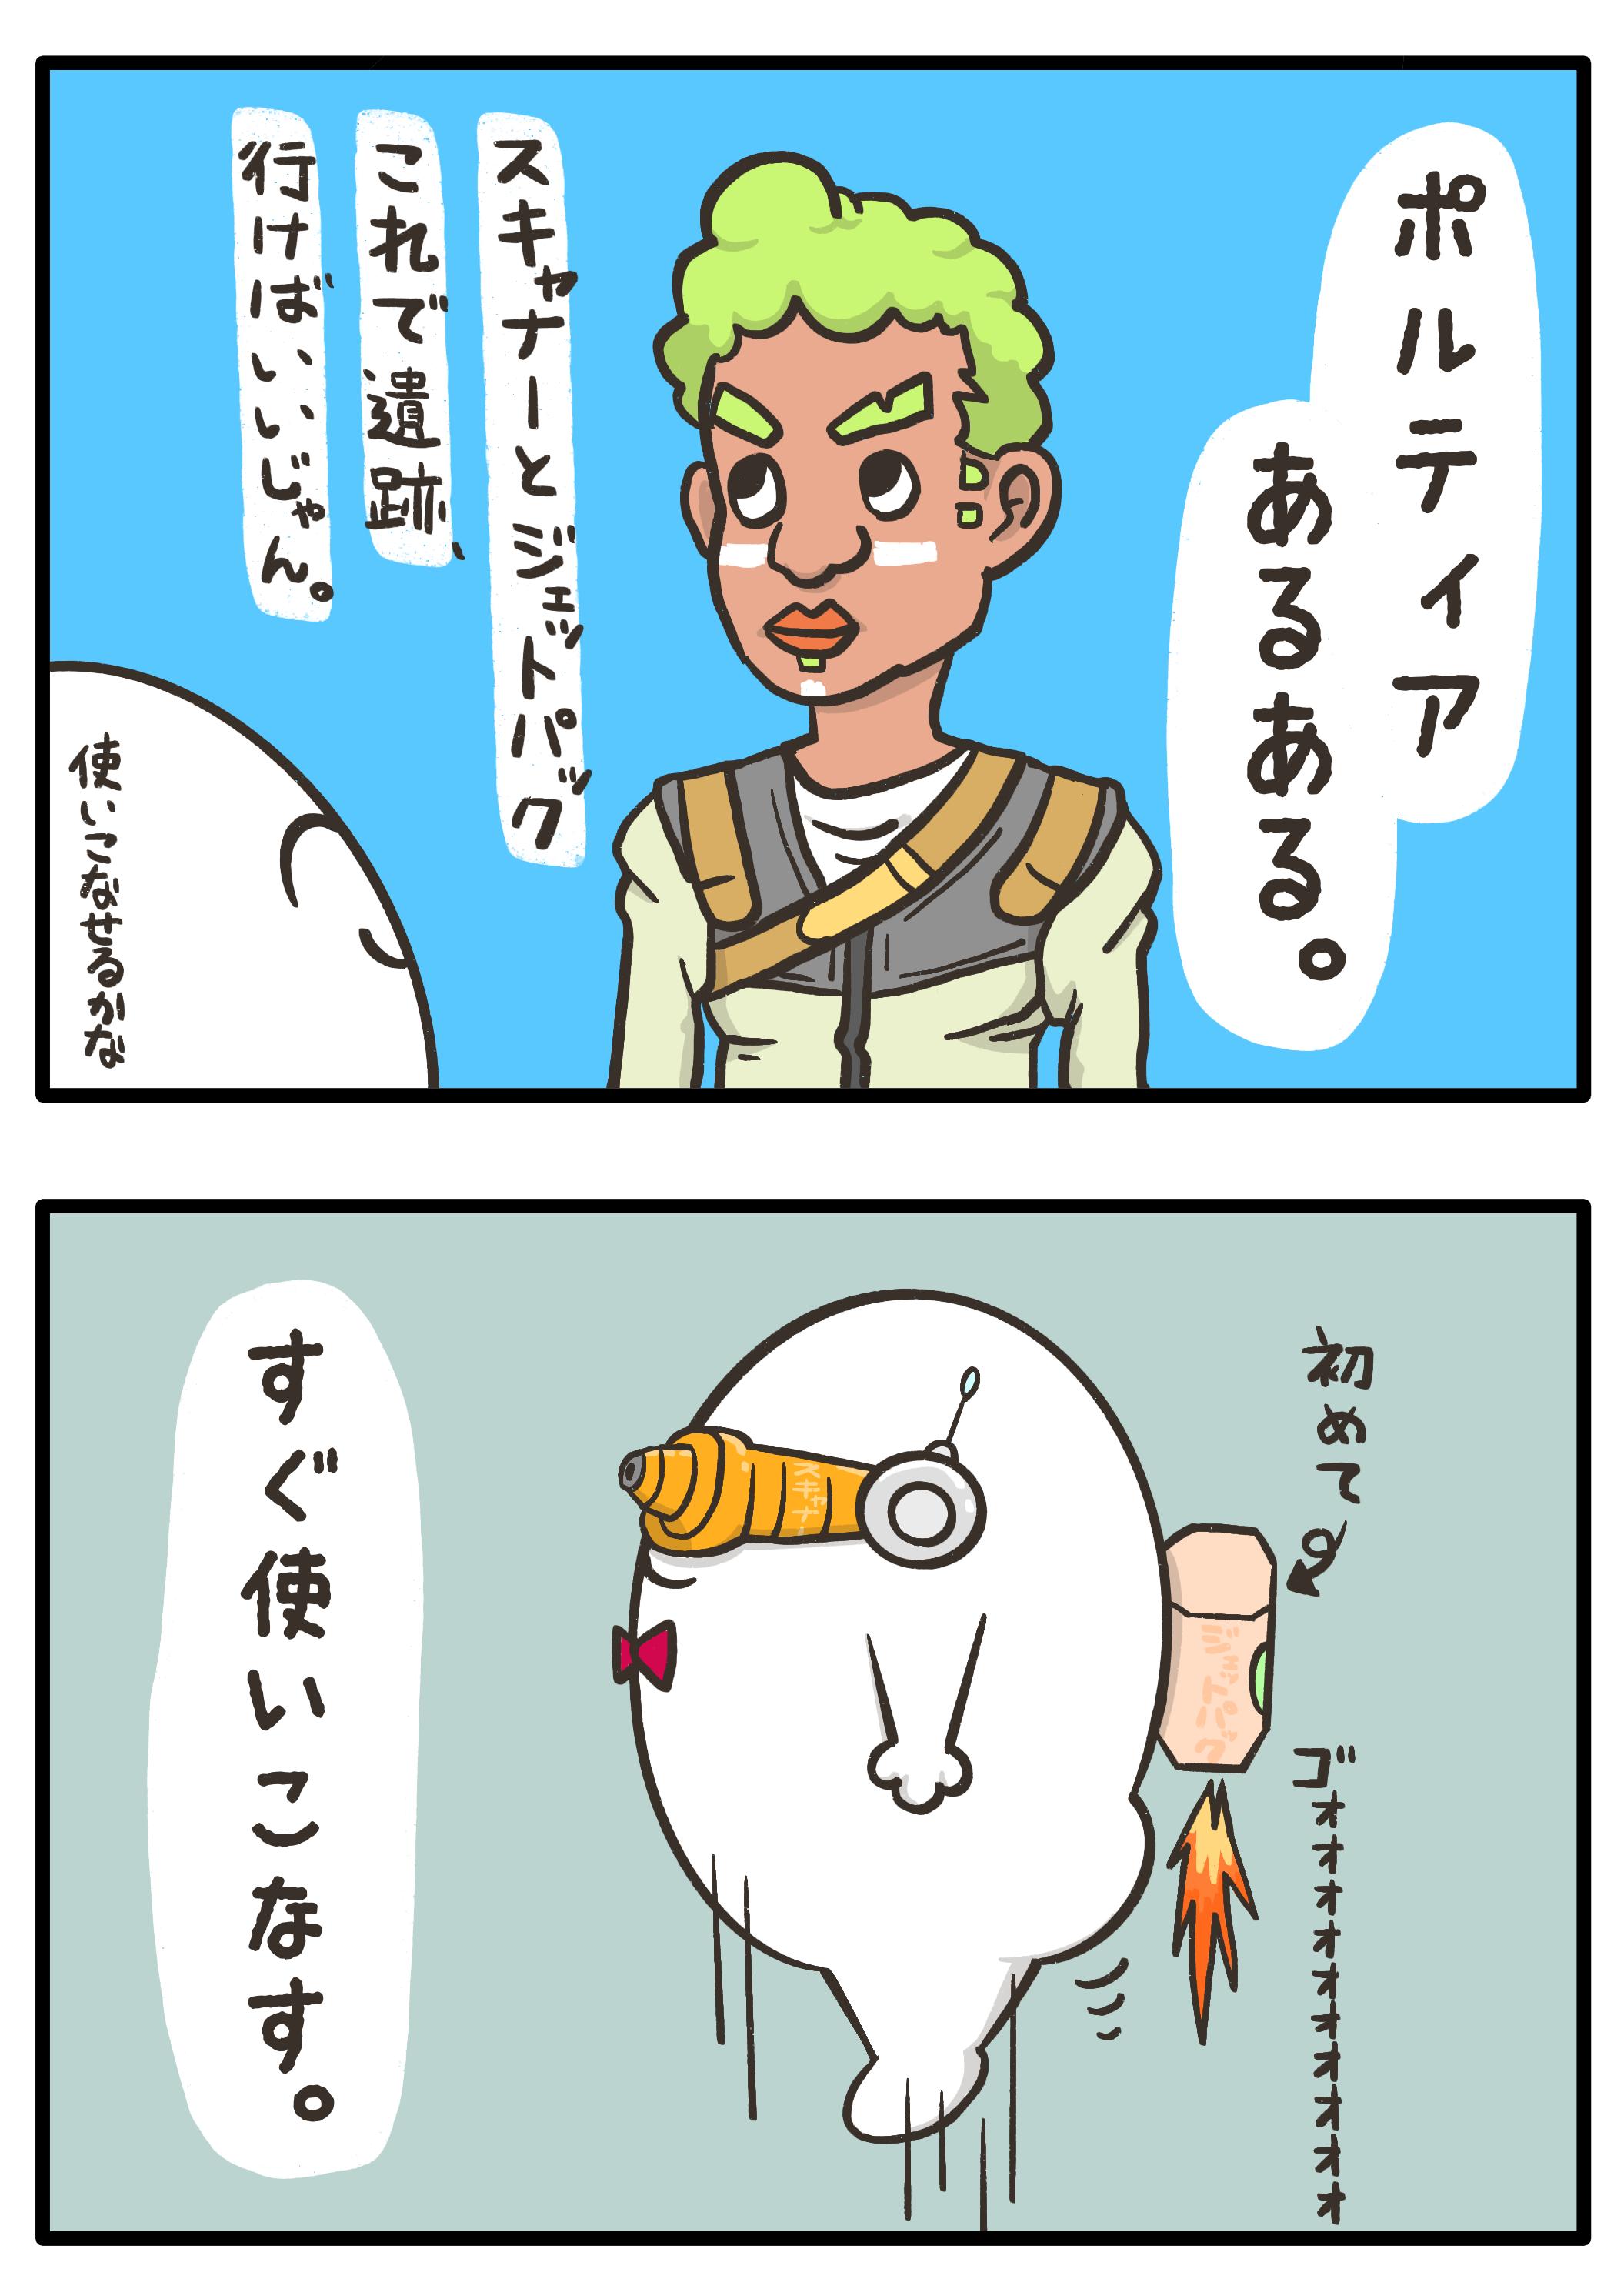 f:id:ichibo-game:20190503174716p:plain